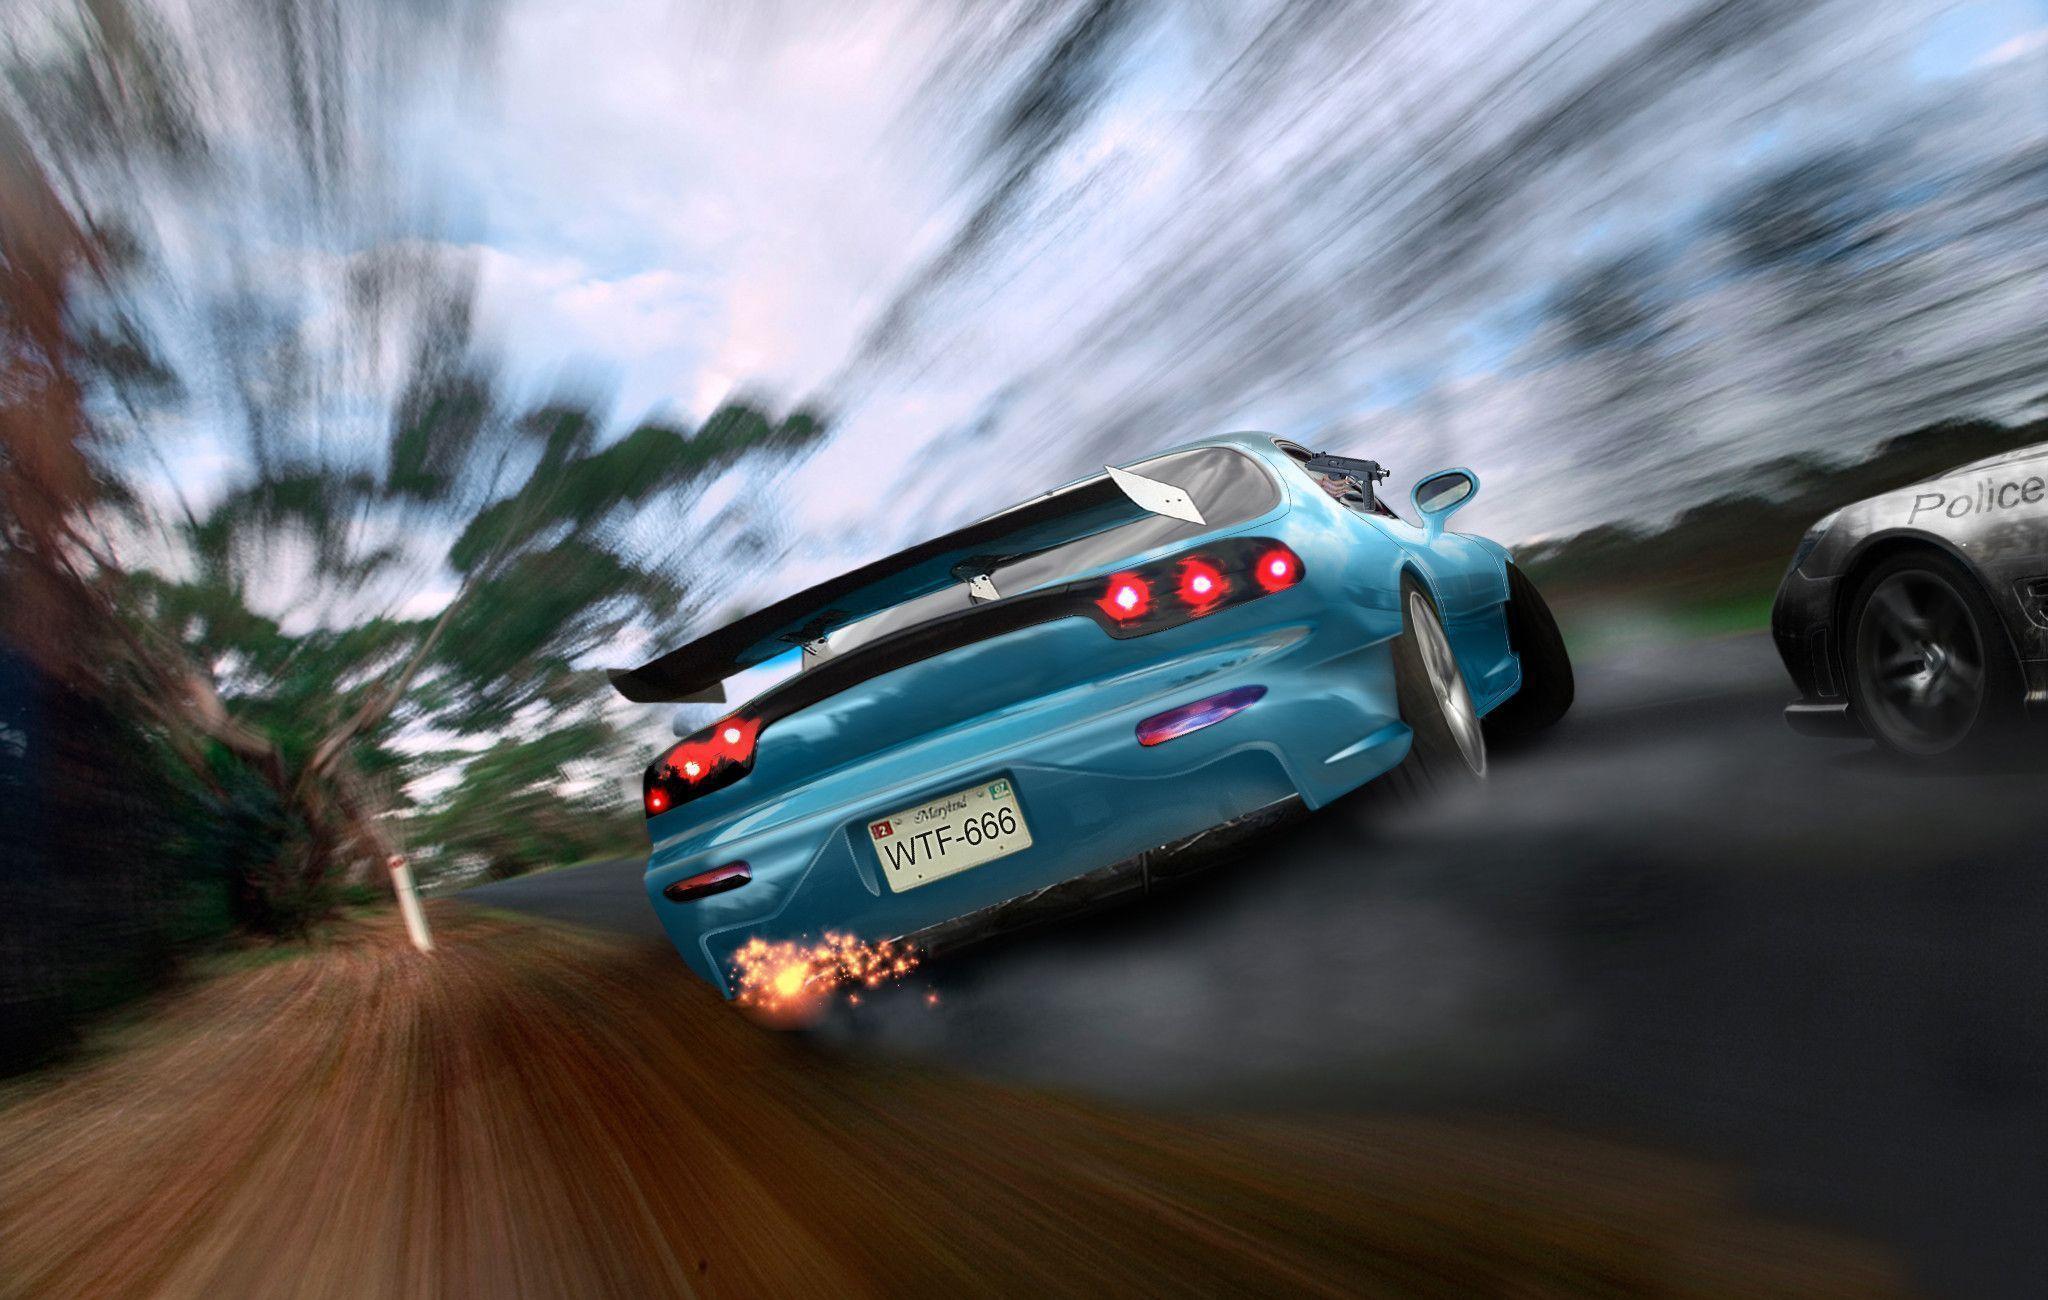 007 Car  Desktop Nexus Wallpapers